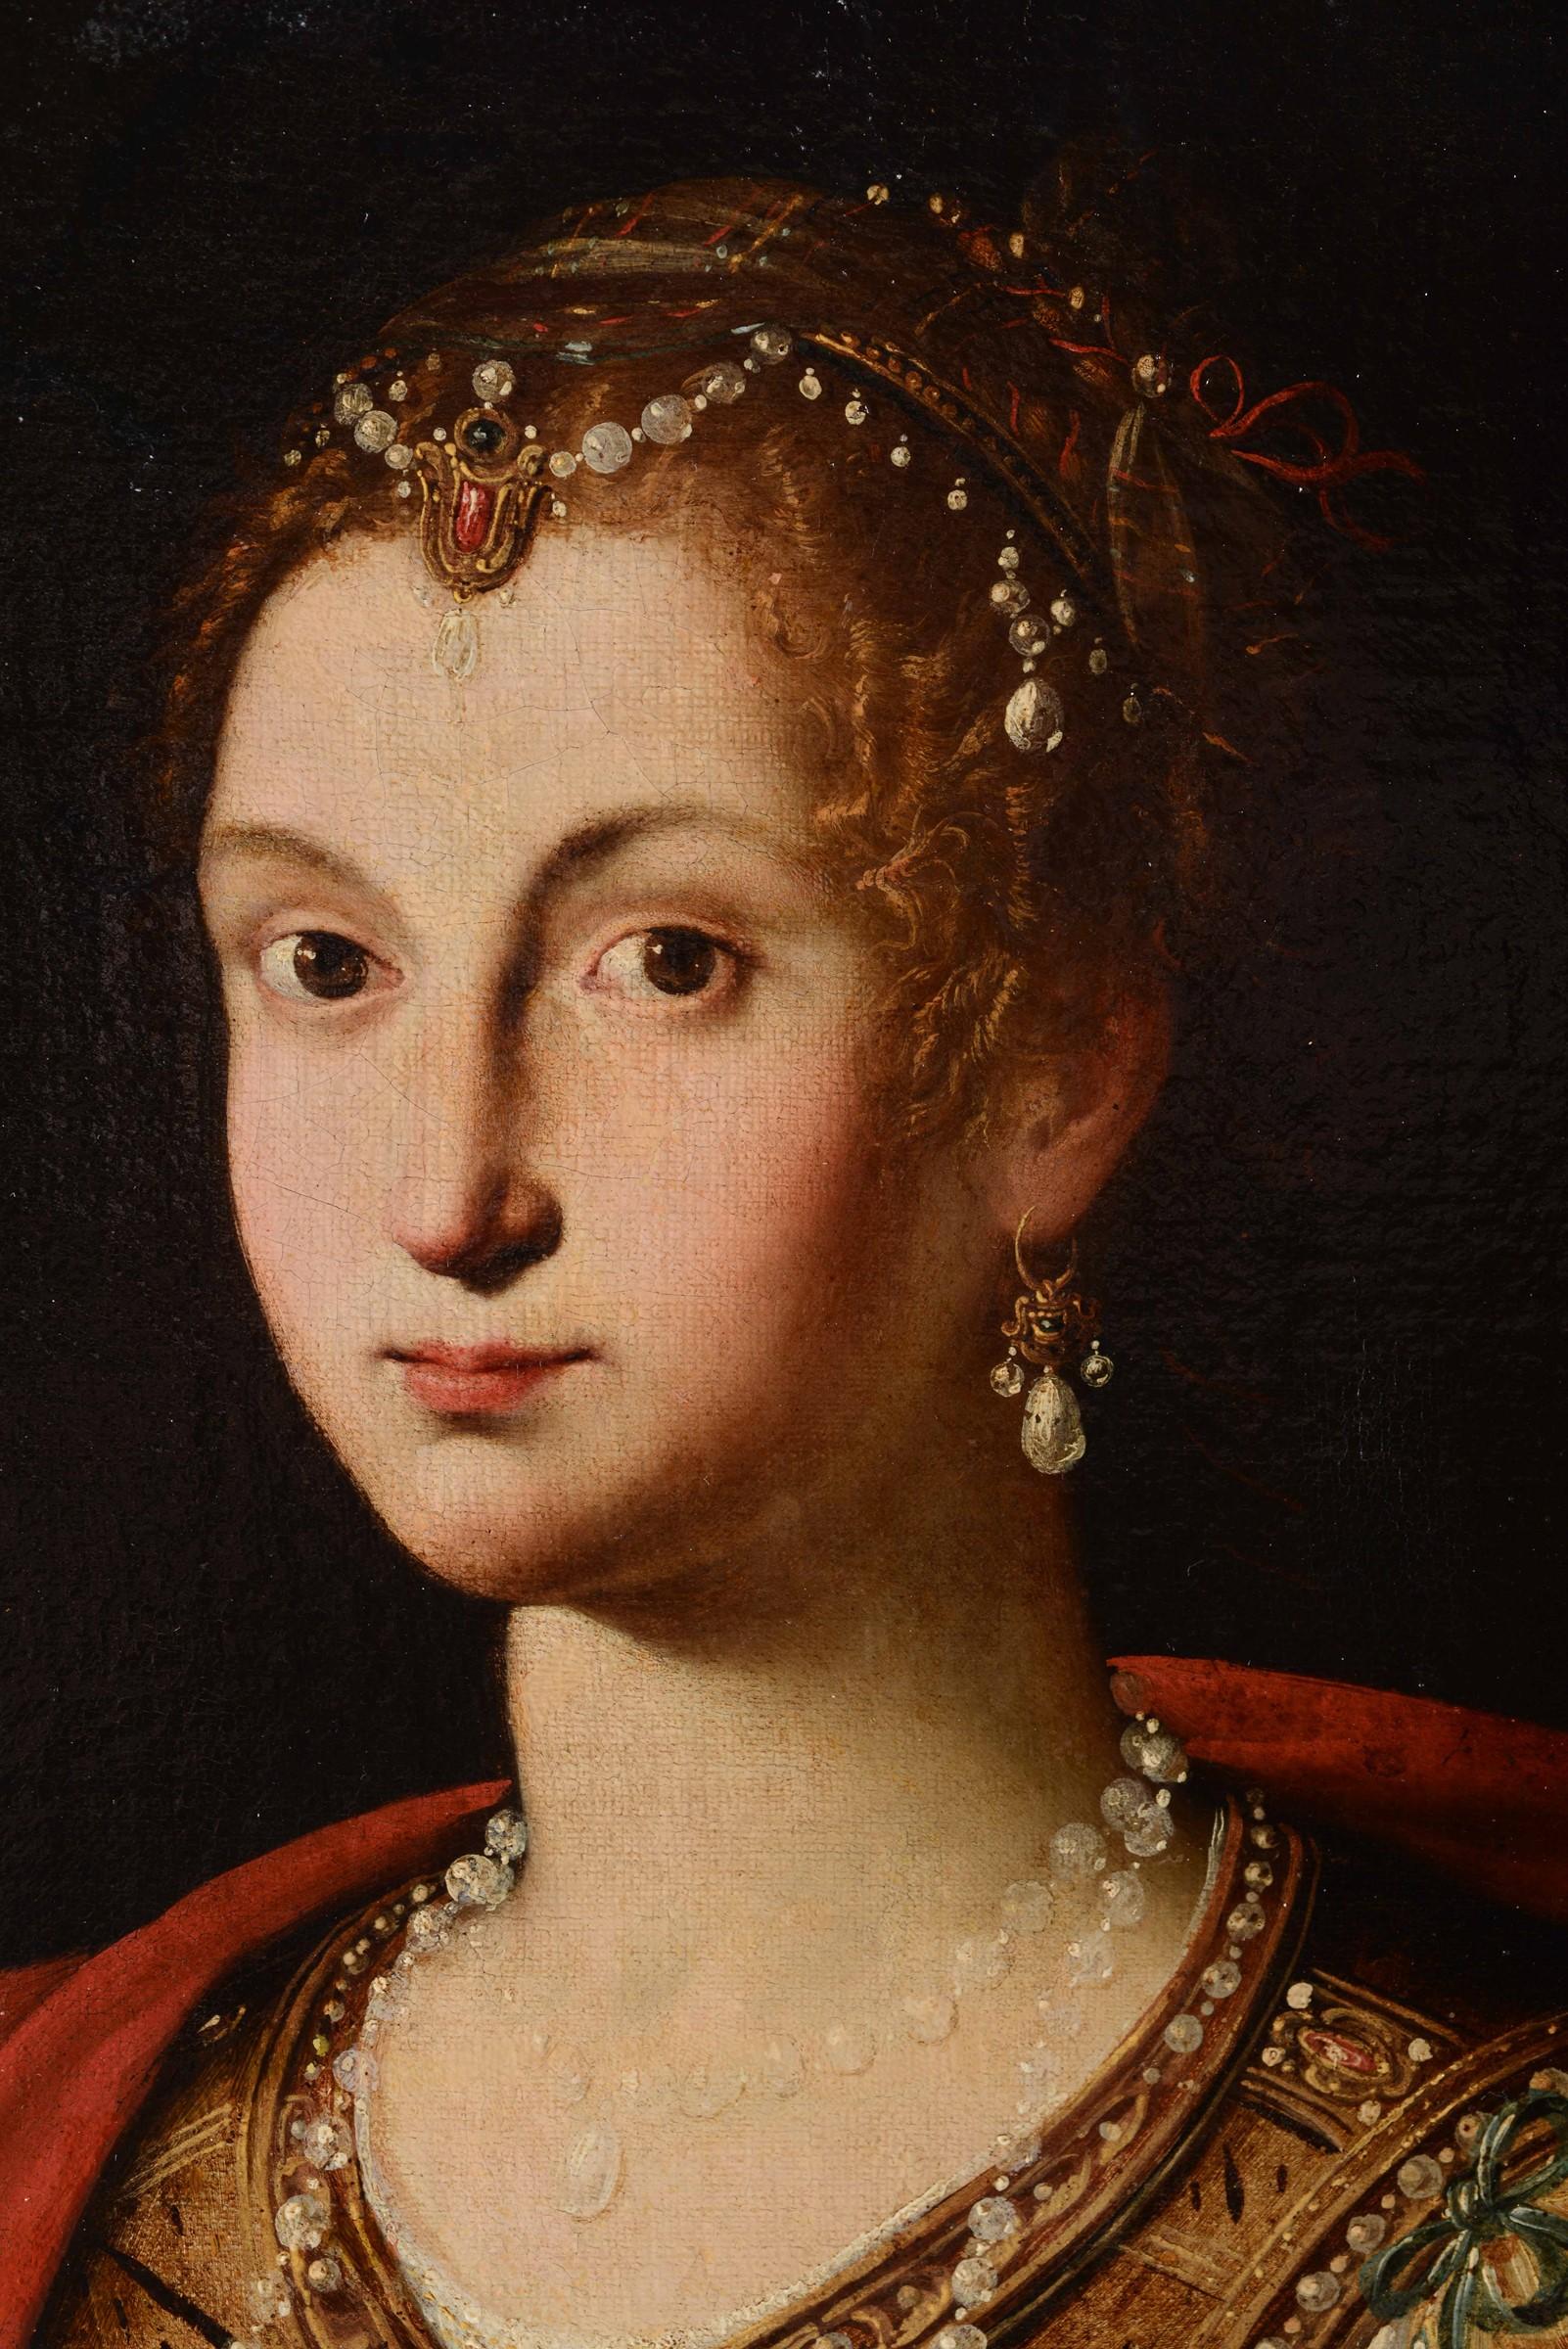 Jacopo Zucchi (Firenze 1541 - Roma 1596), attribuito a, Ritratto di gentildonna con [...] - Image 3 of 3